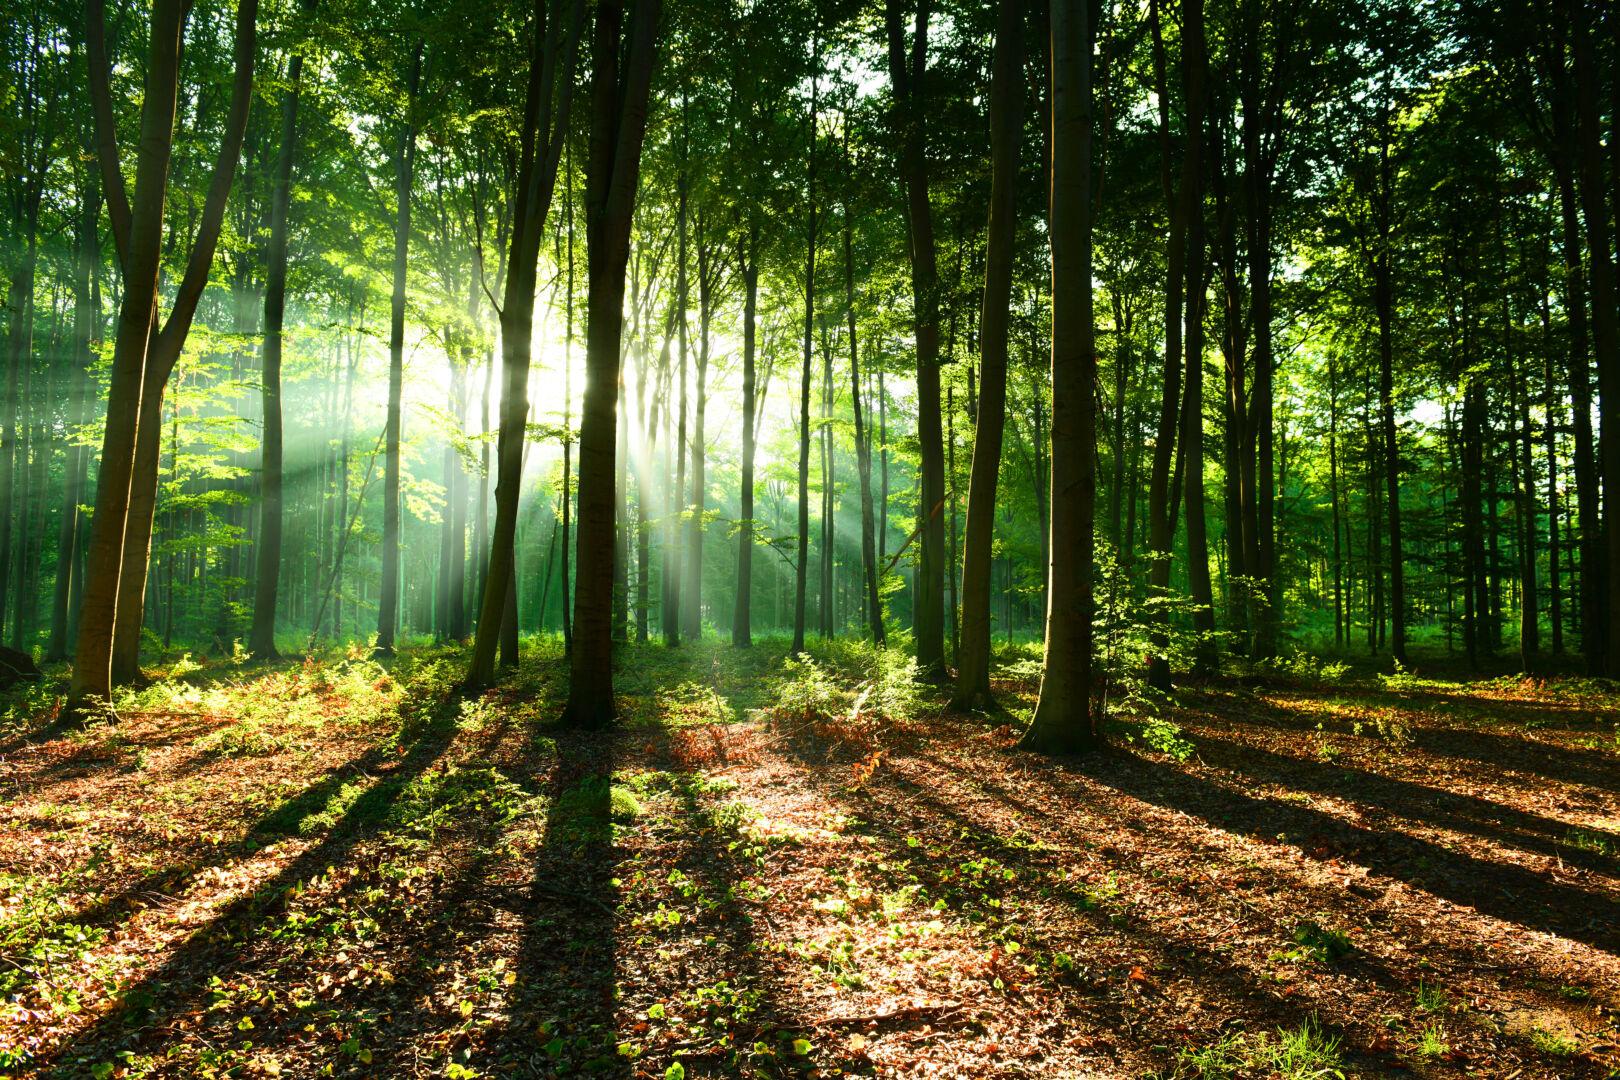 Avec son opération « Plantons avec Laforêt », Laforêt continue de contribuer activement à la reforestation en France !